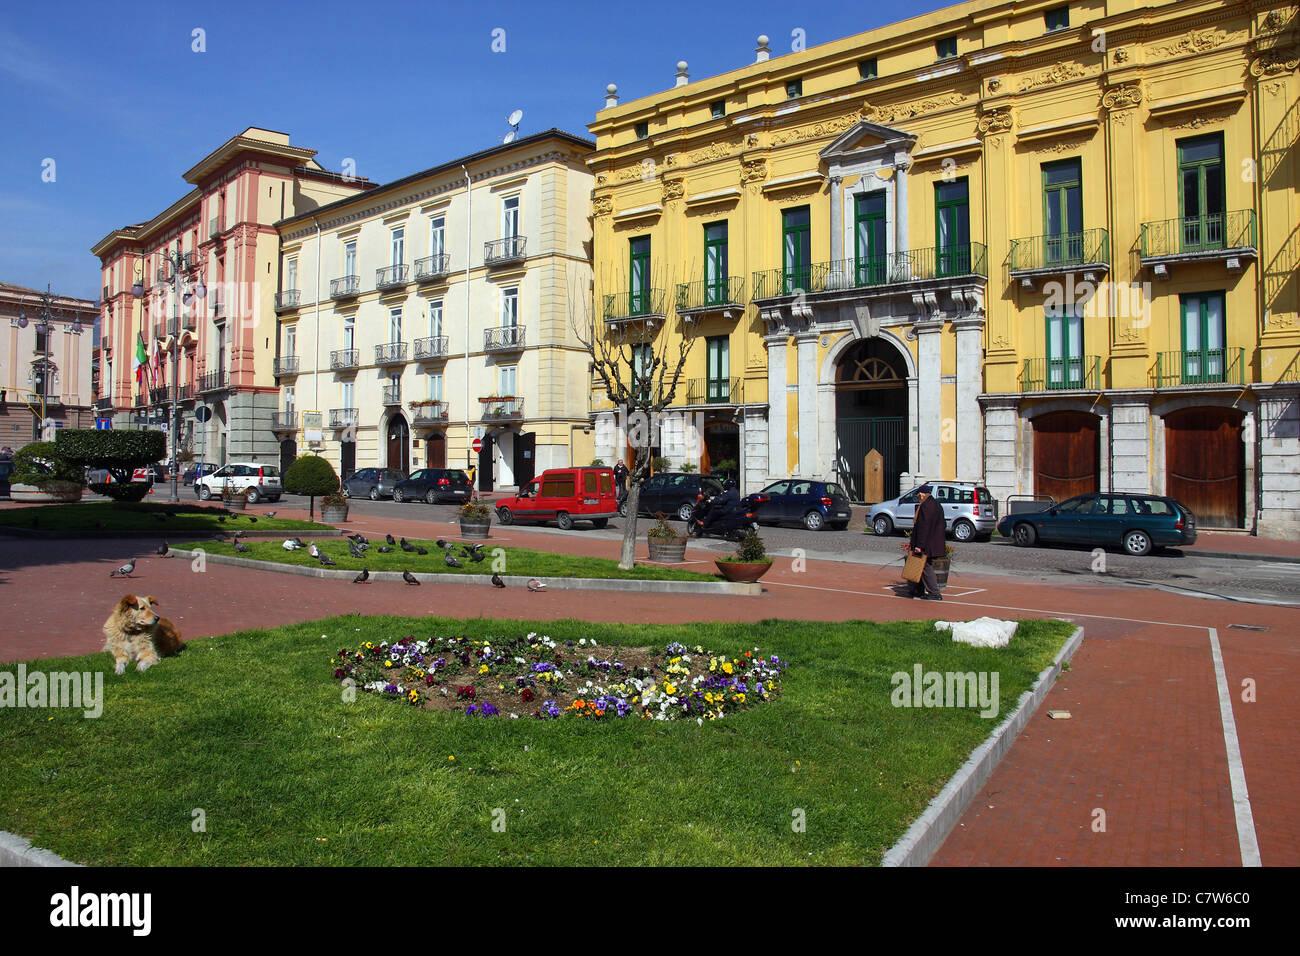 Italy, Campania, Avellino, Piazza Libertà - Stock Image